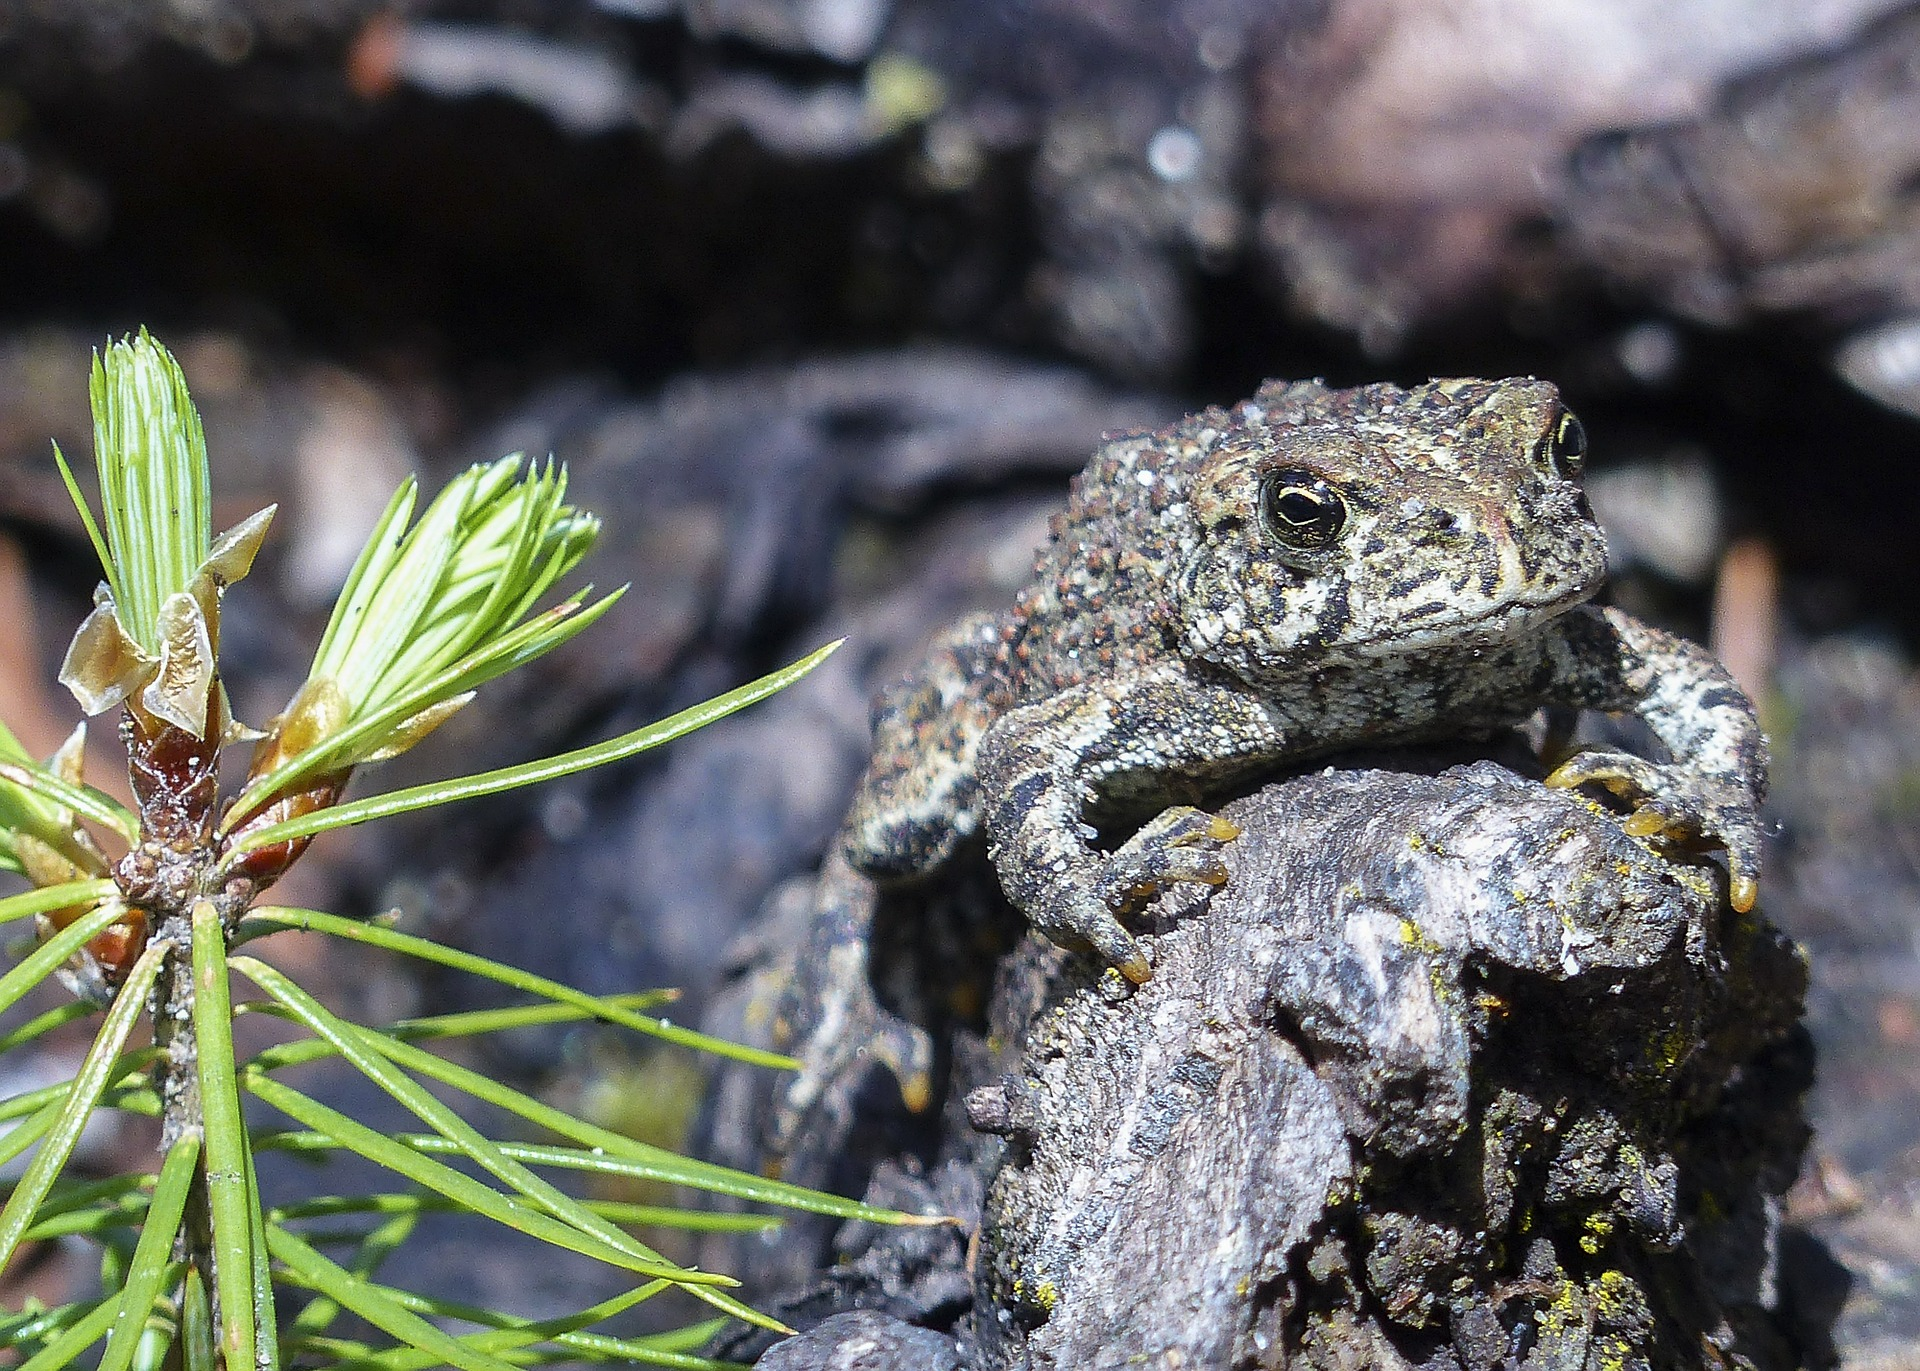 toad-547099_1920.jpg